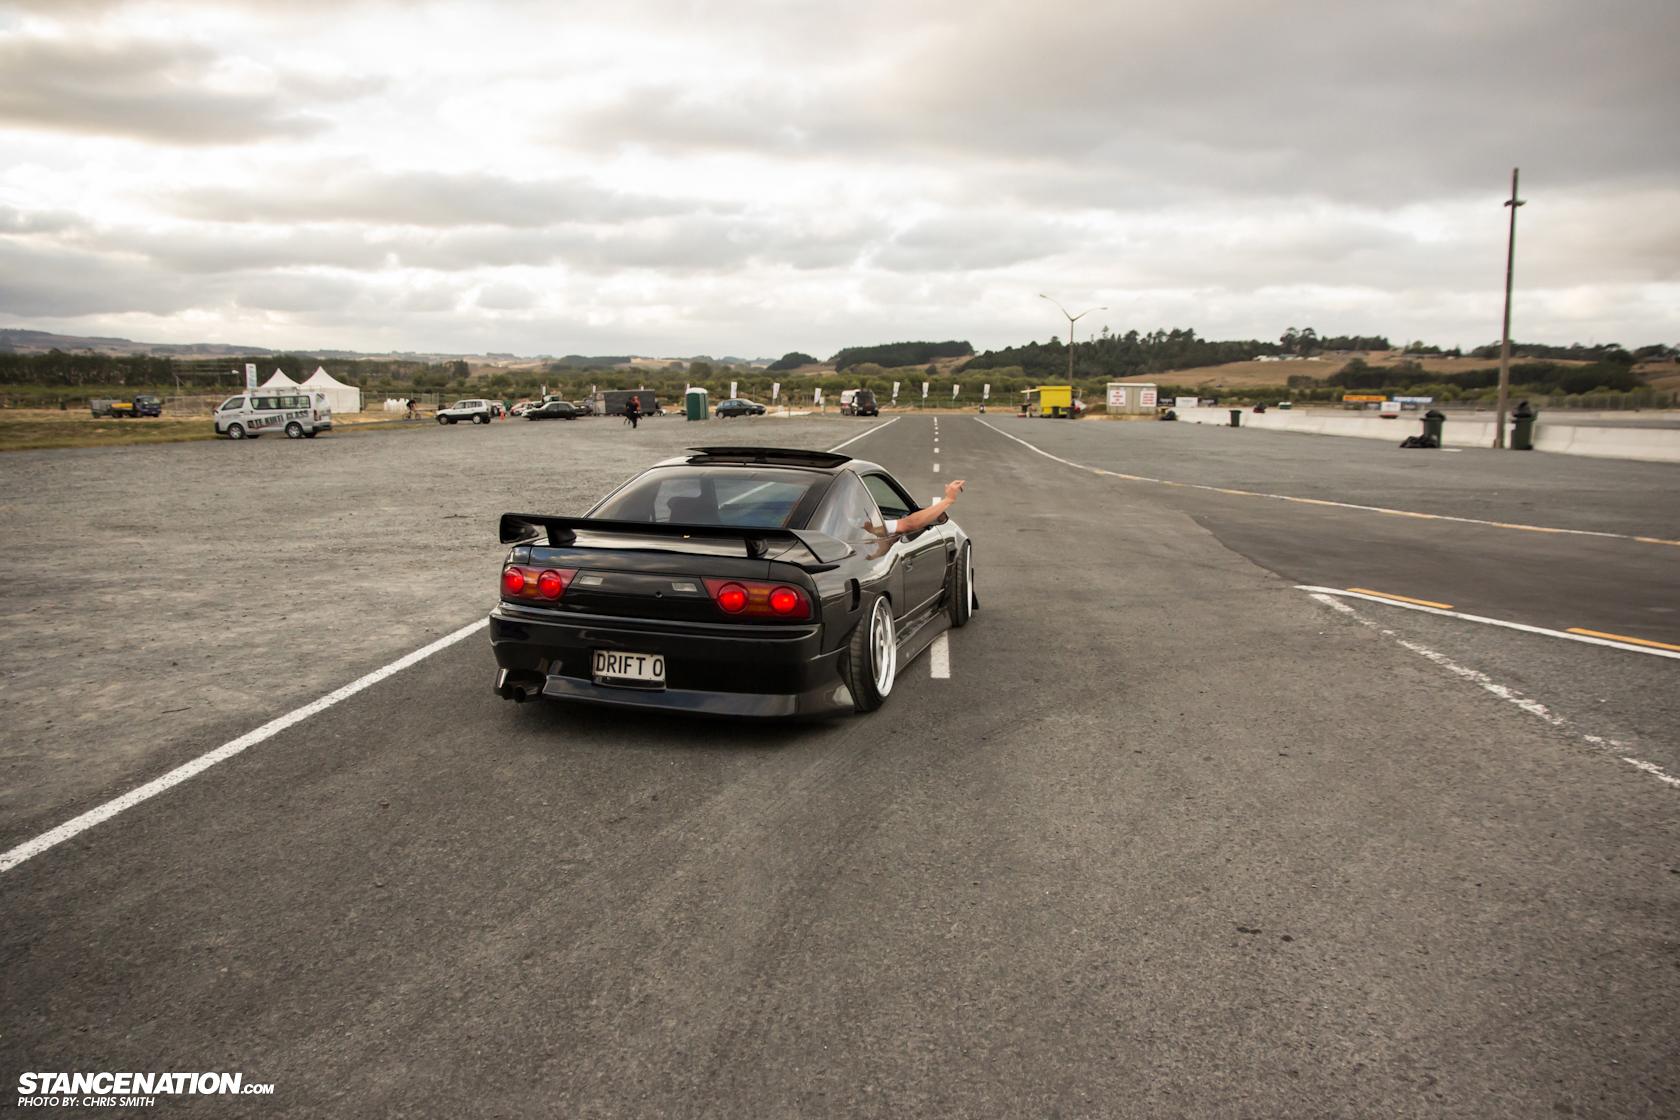 Drfit Stance Nissan 180 (2)